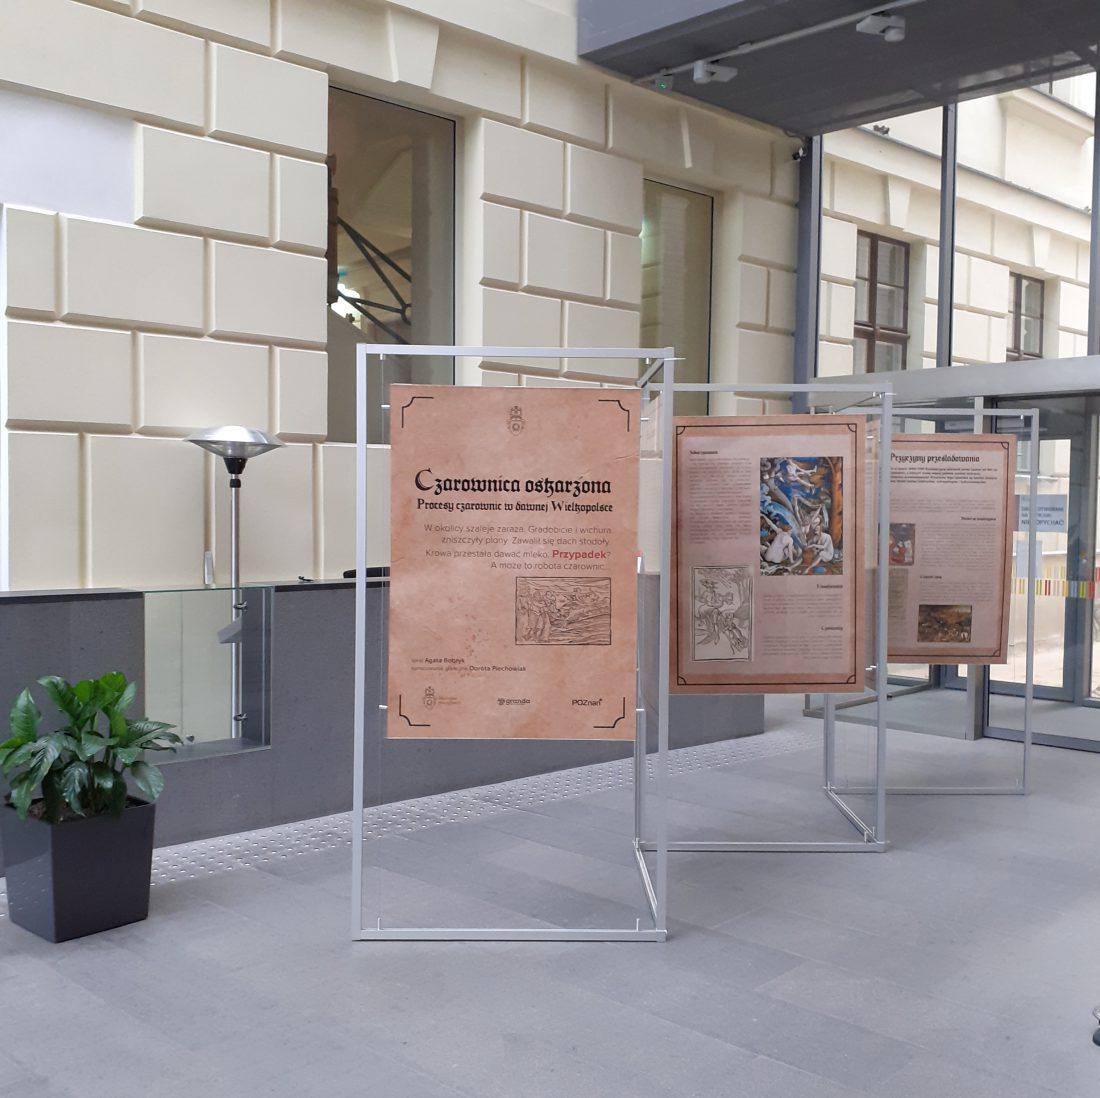 wystawa planszowa prezentowana w holu